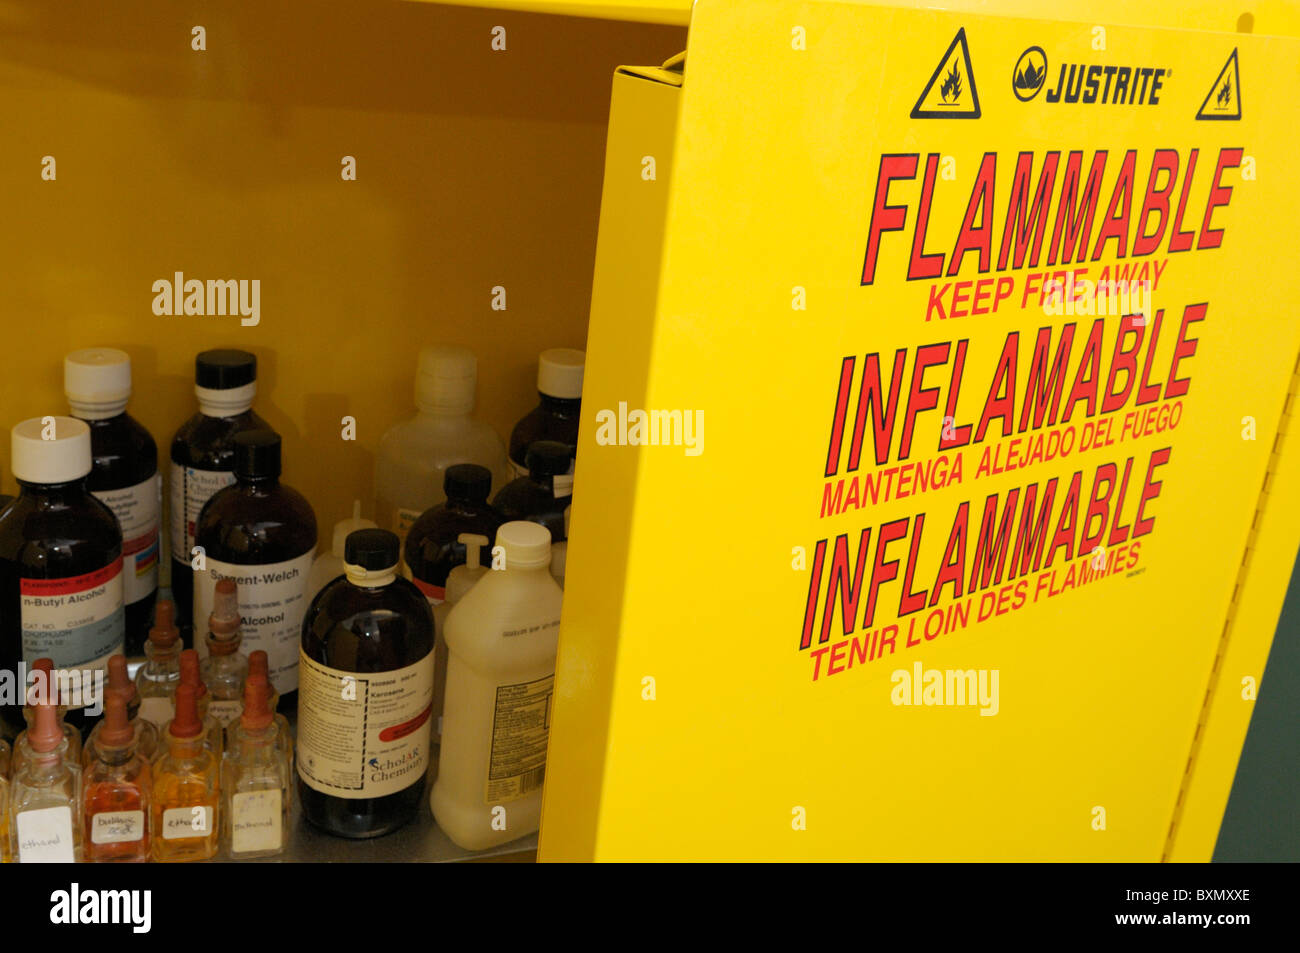 Armadietto per prodotti chimici infiammabili Immagini Stock